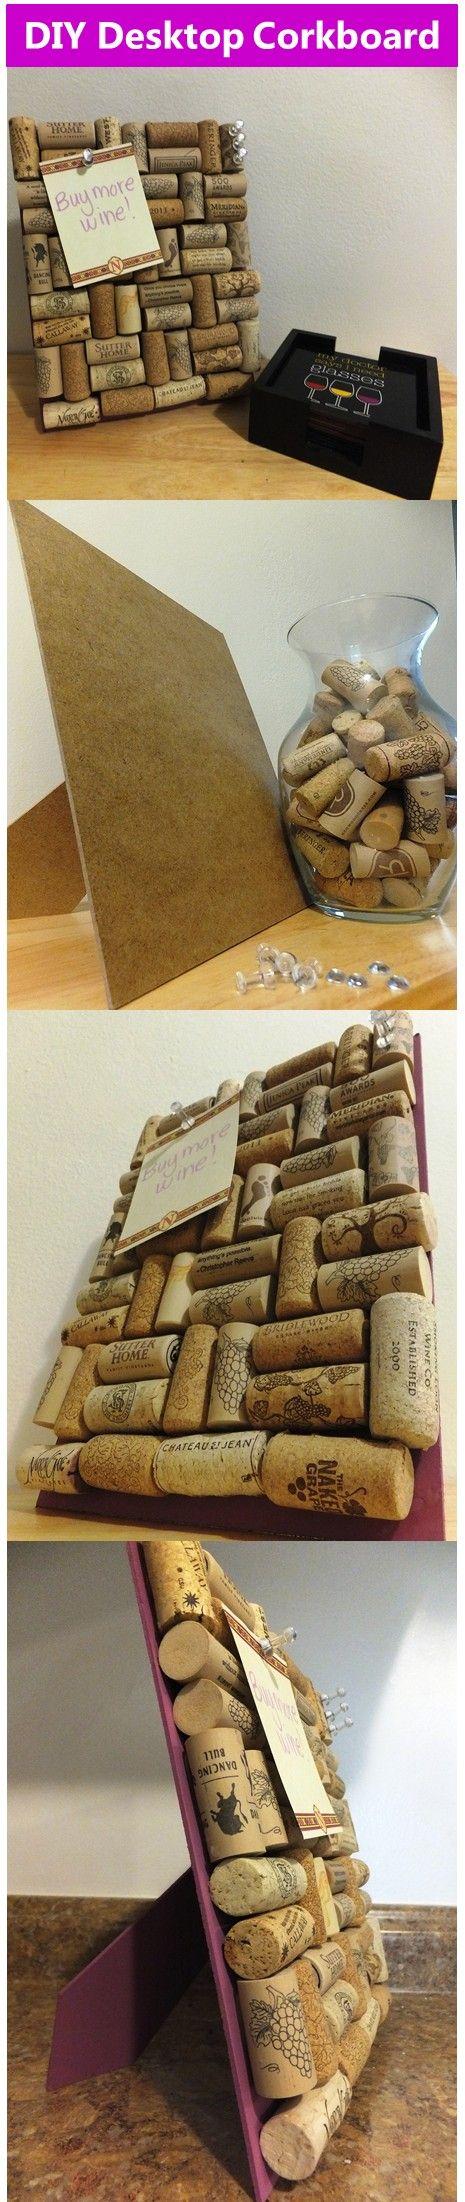 Wine Cork DIY - Learn how to make a desktop wine cork corkboard!